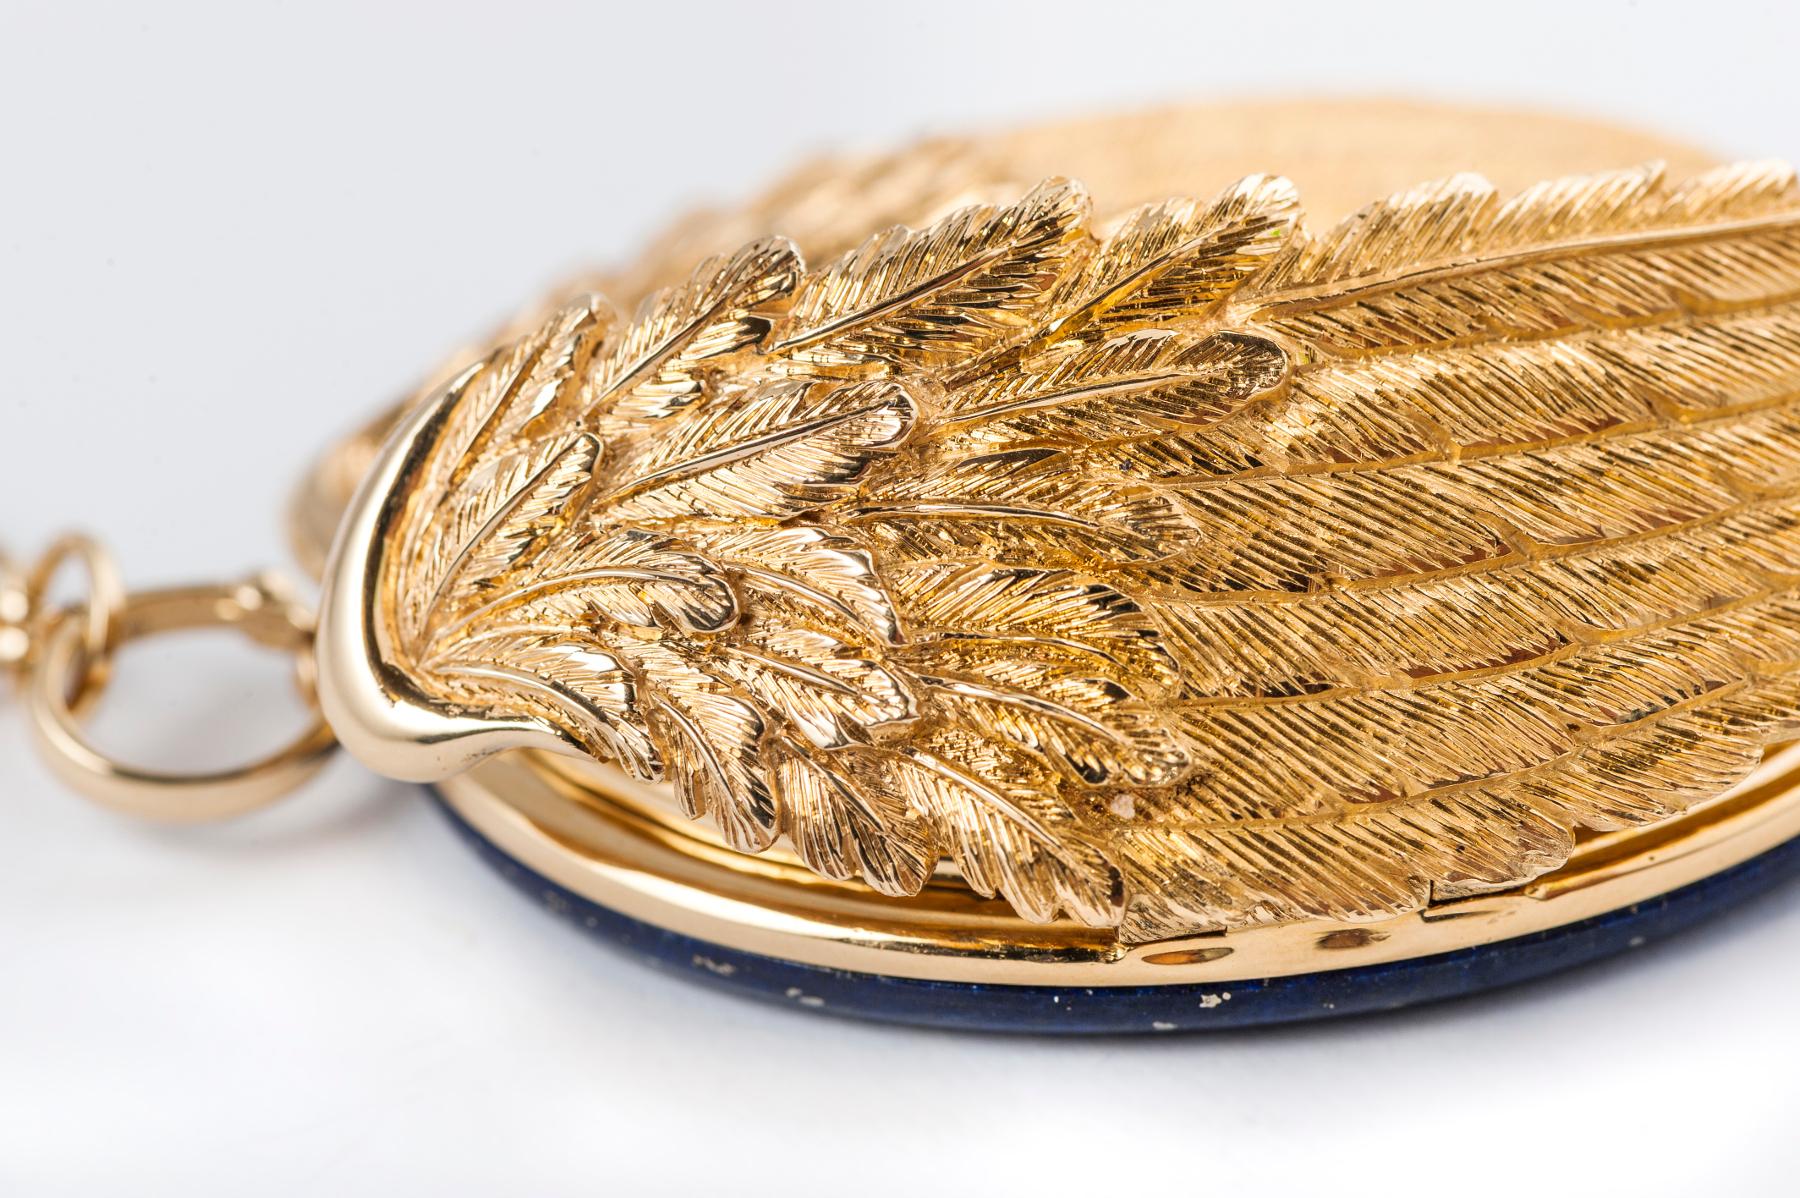 Il dettaglio delle ali, apribili, incise a mano